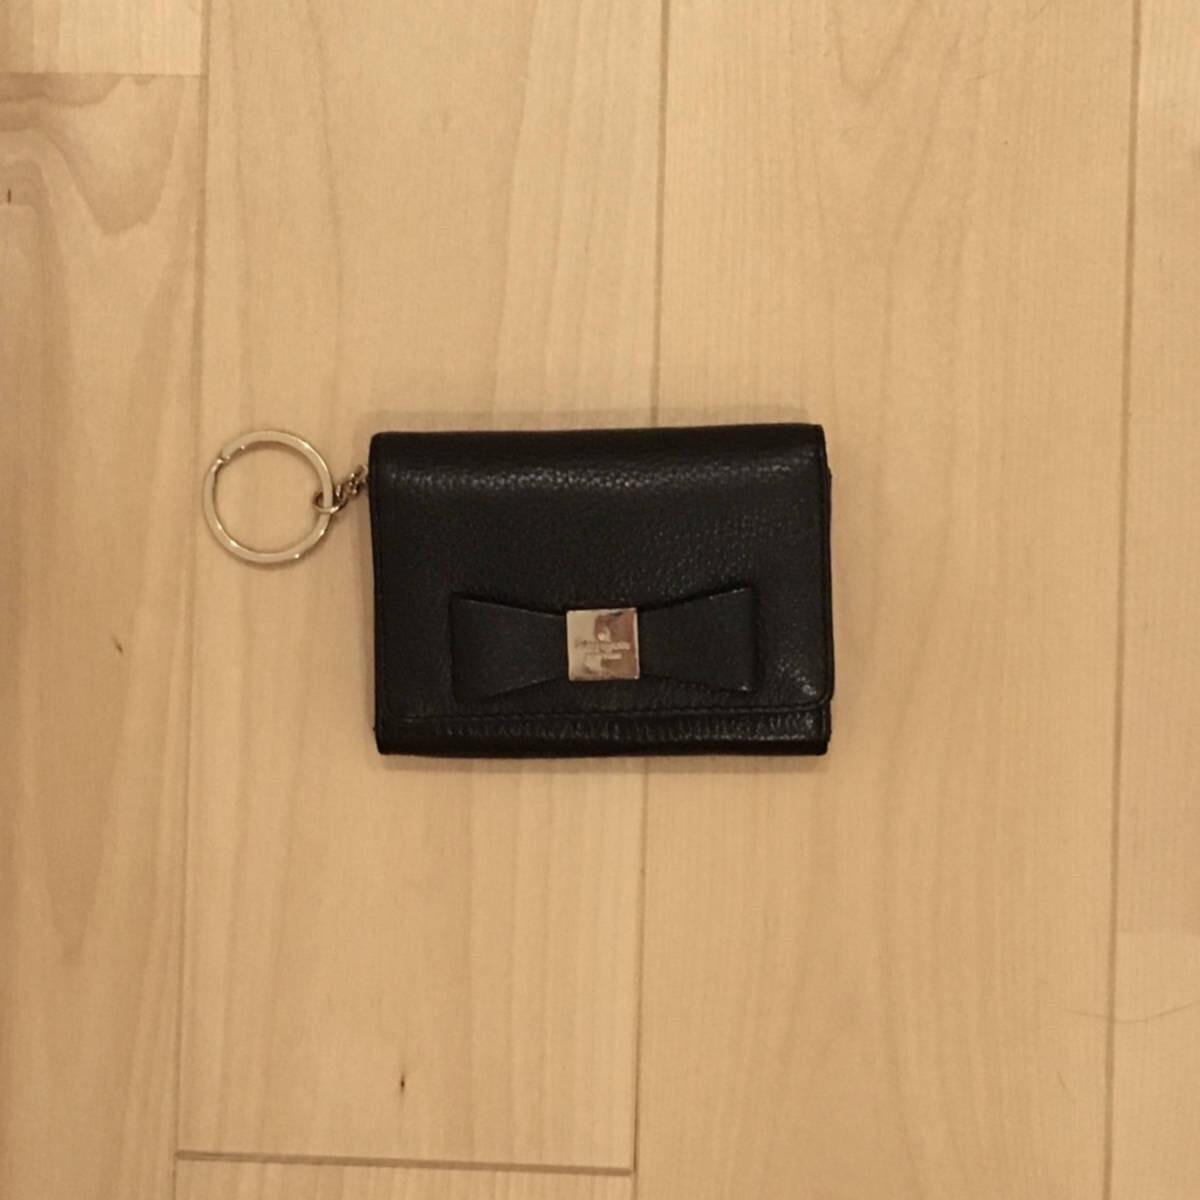 ケイトスペードのキーリングがついた二つ折りコインケース